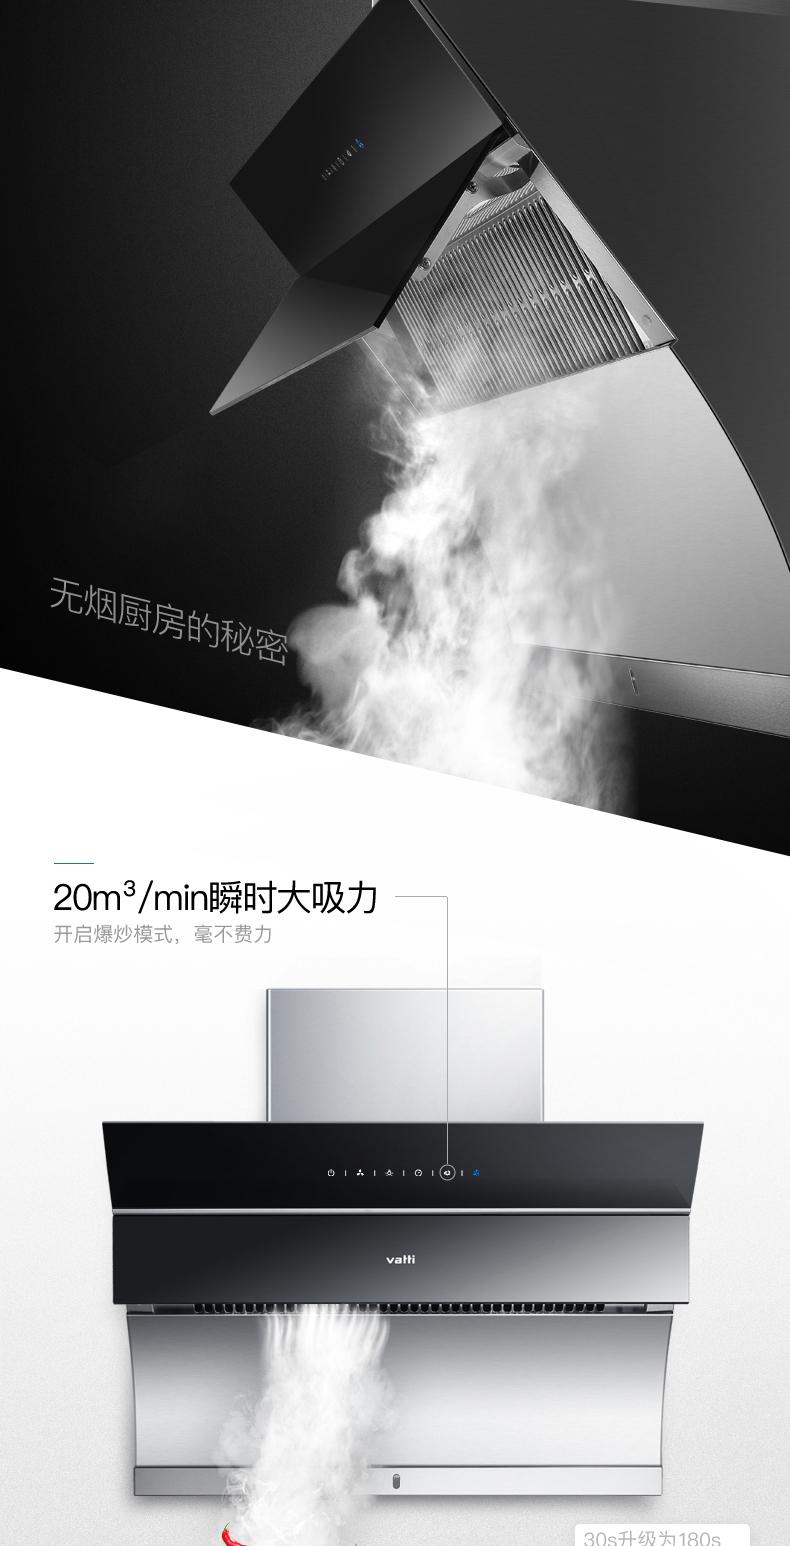 华帝油烟机吸烟效果好吗,华帝油烟机这个牌子怎么样,真的有像宣传说的哪么好吗